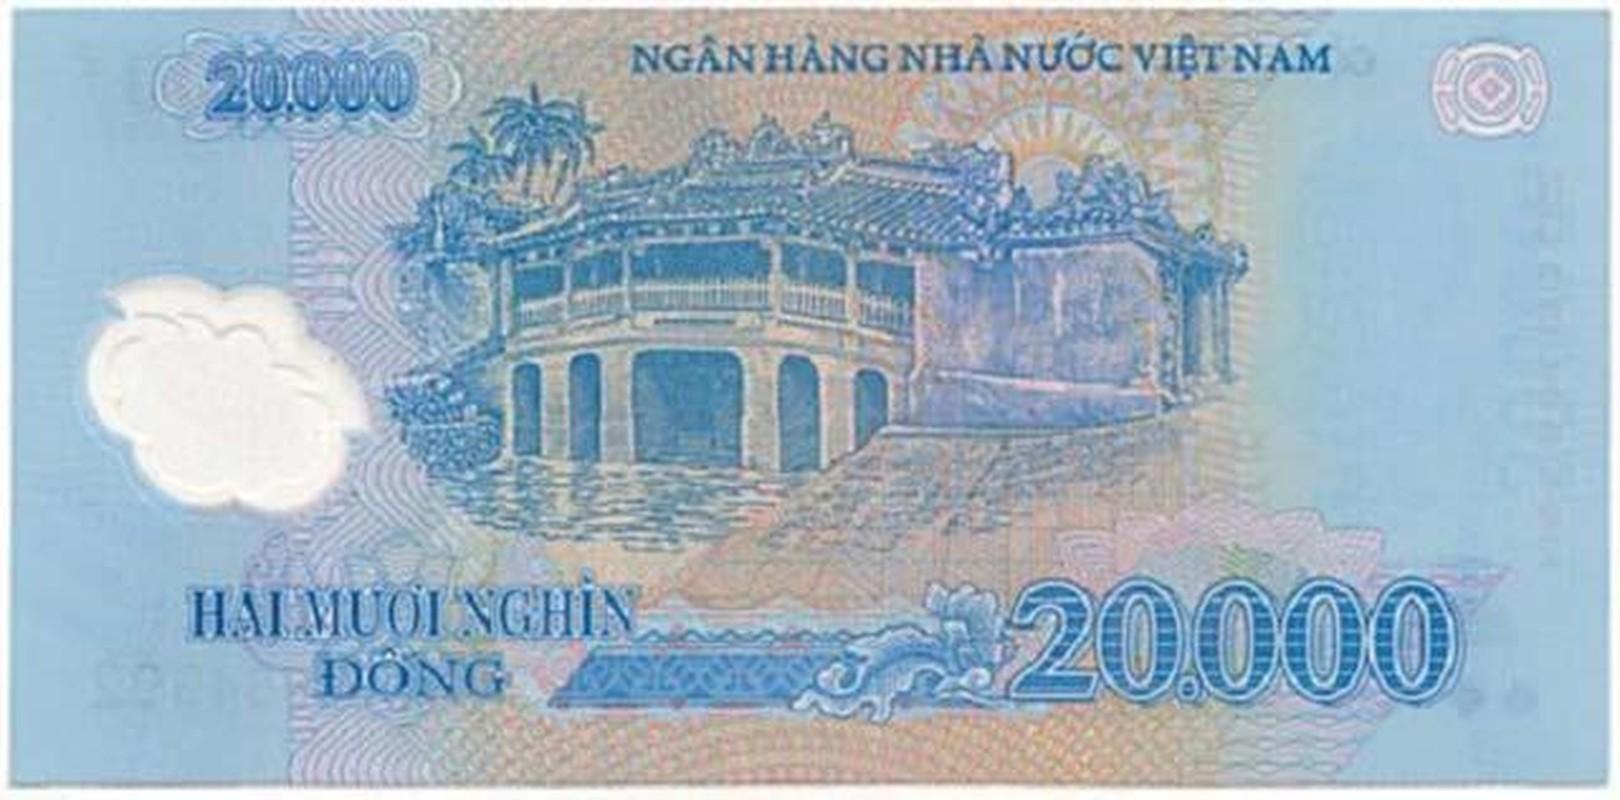 Lich su it nguoi biet ve Chua Cau duoc in tren tien-Hinh-4